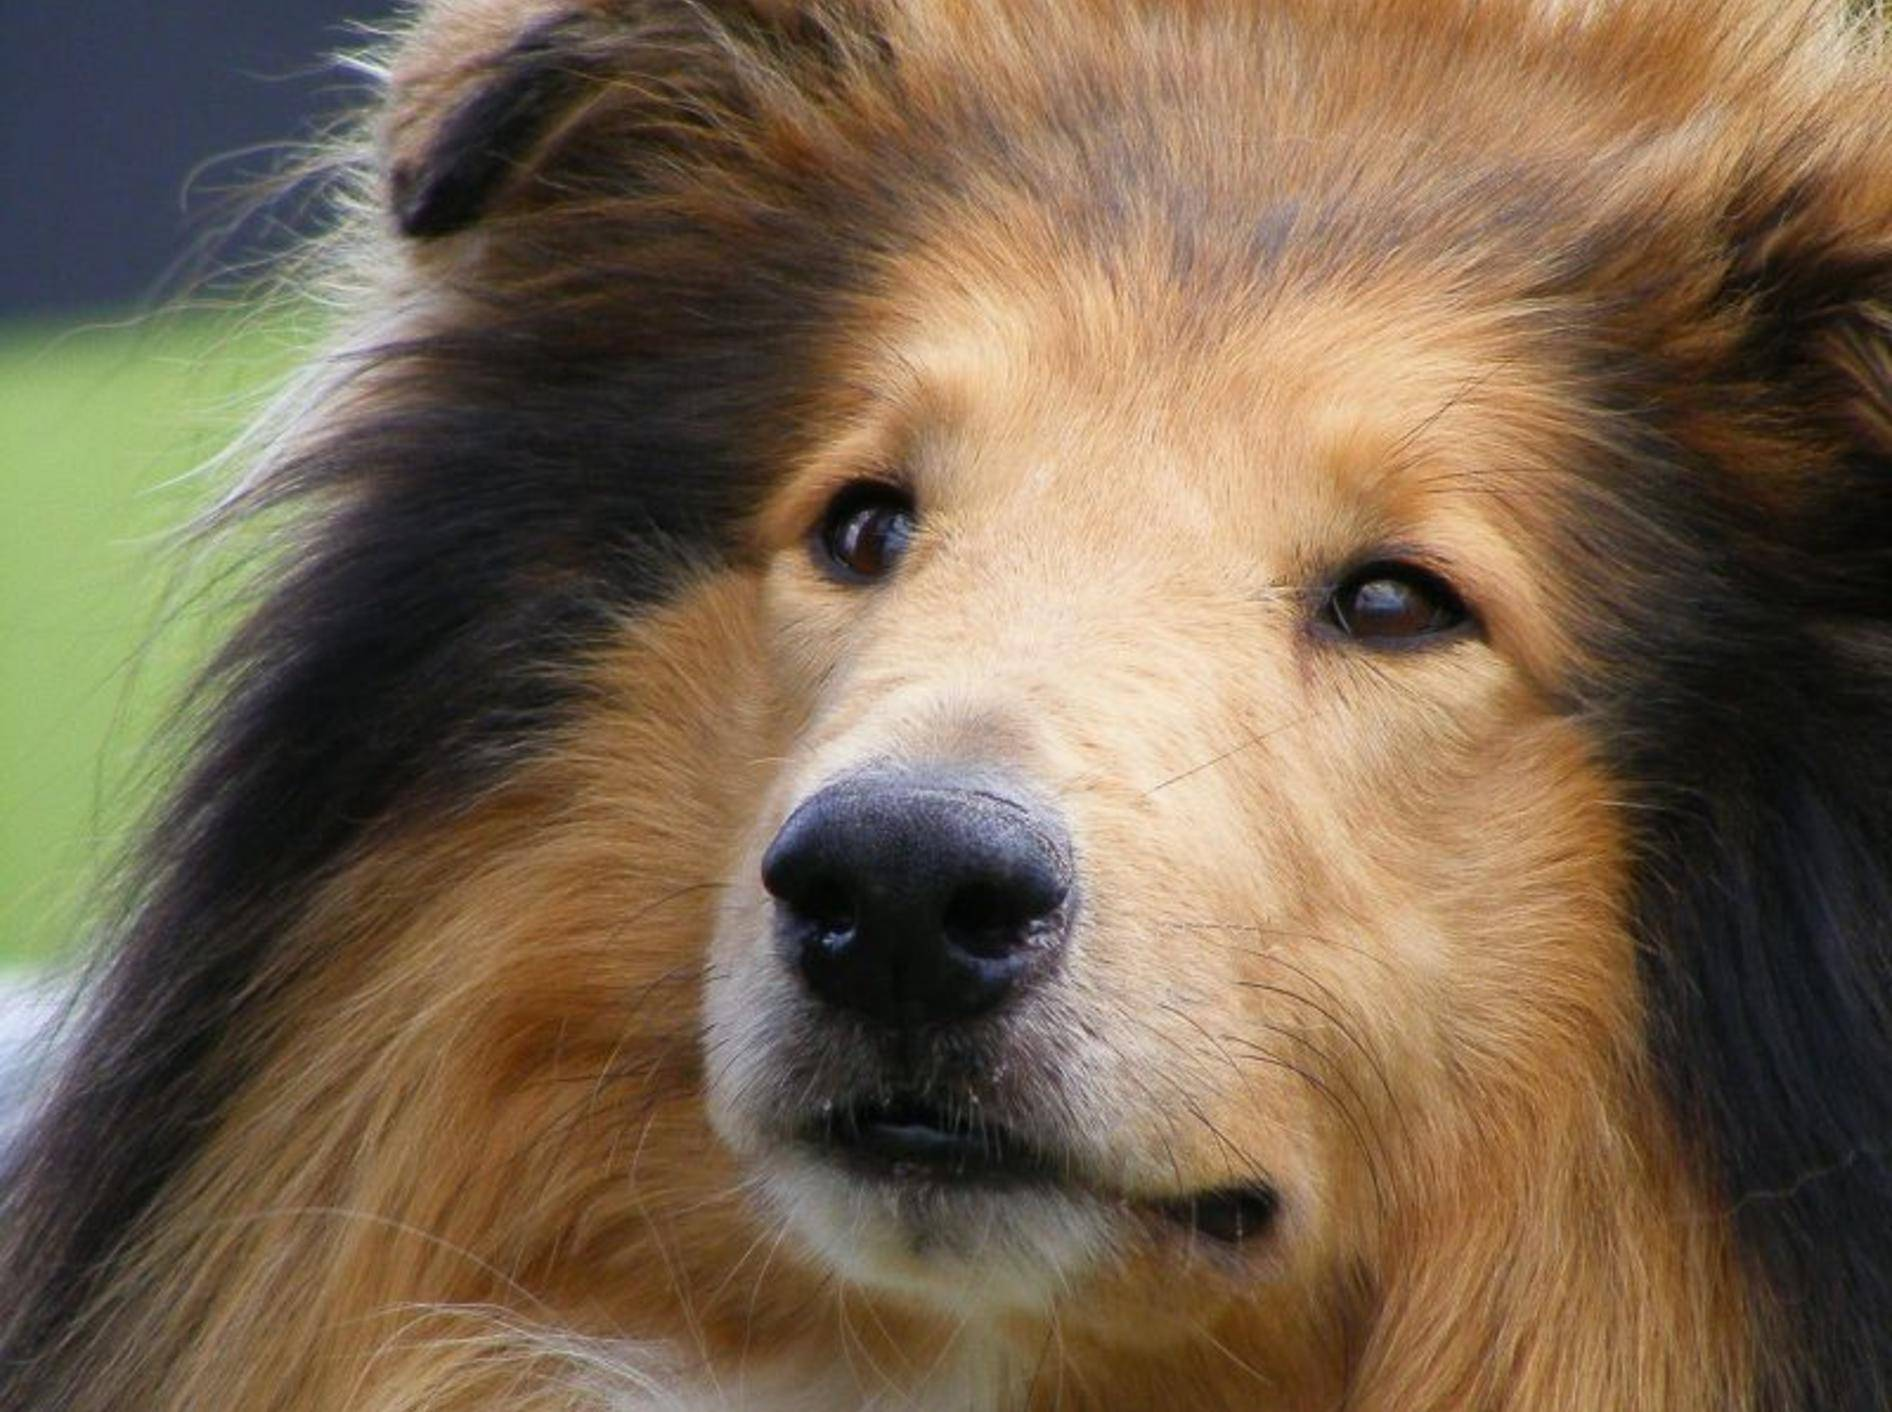 Der Collie: Ein munterer und freundlicher Hund – Bild: Shutterstock / Anastasija Popova